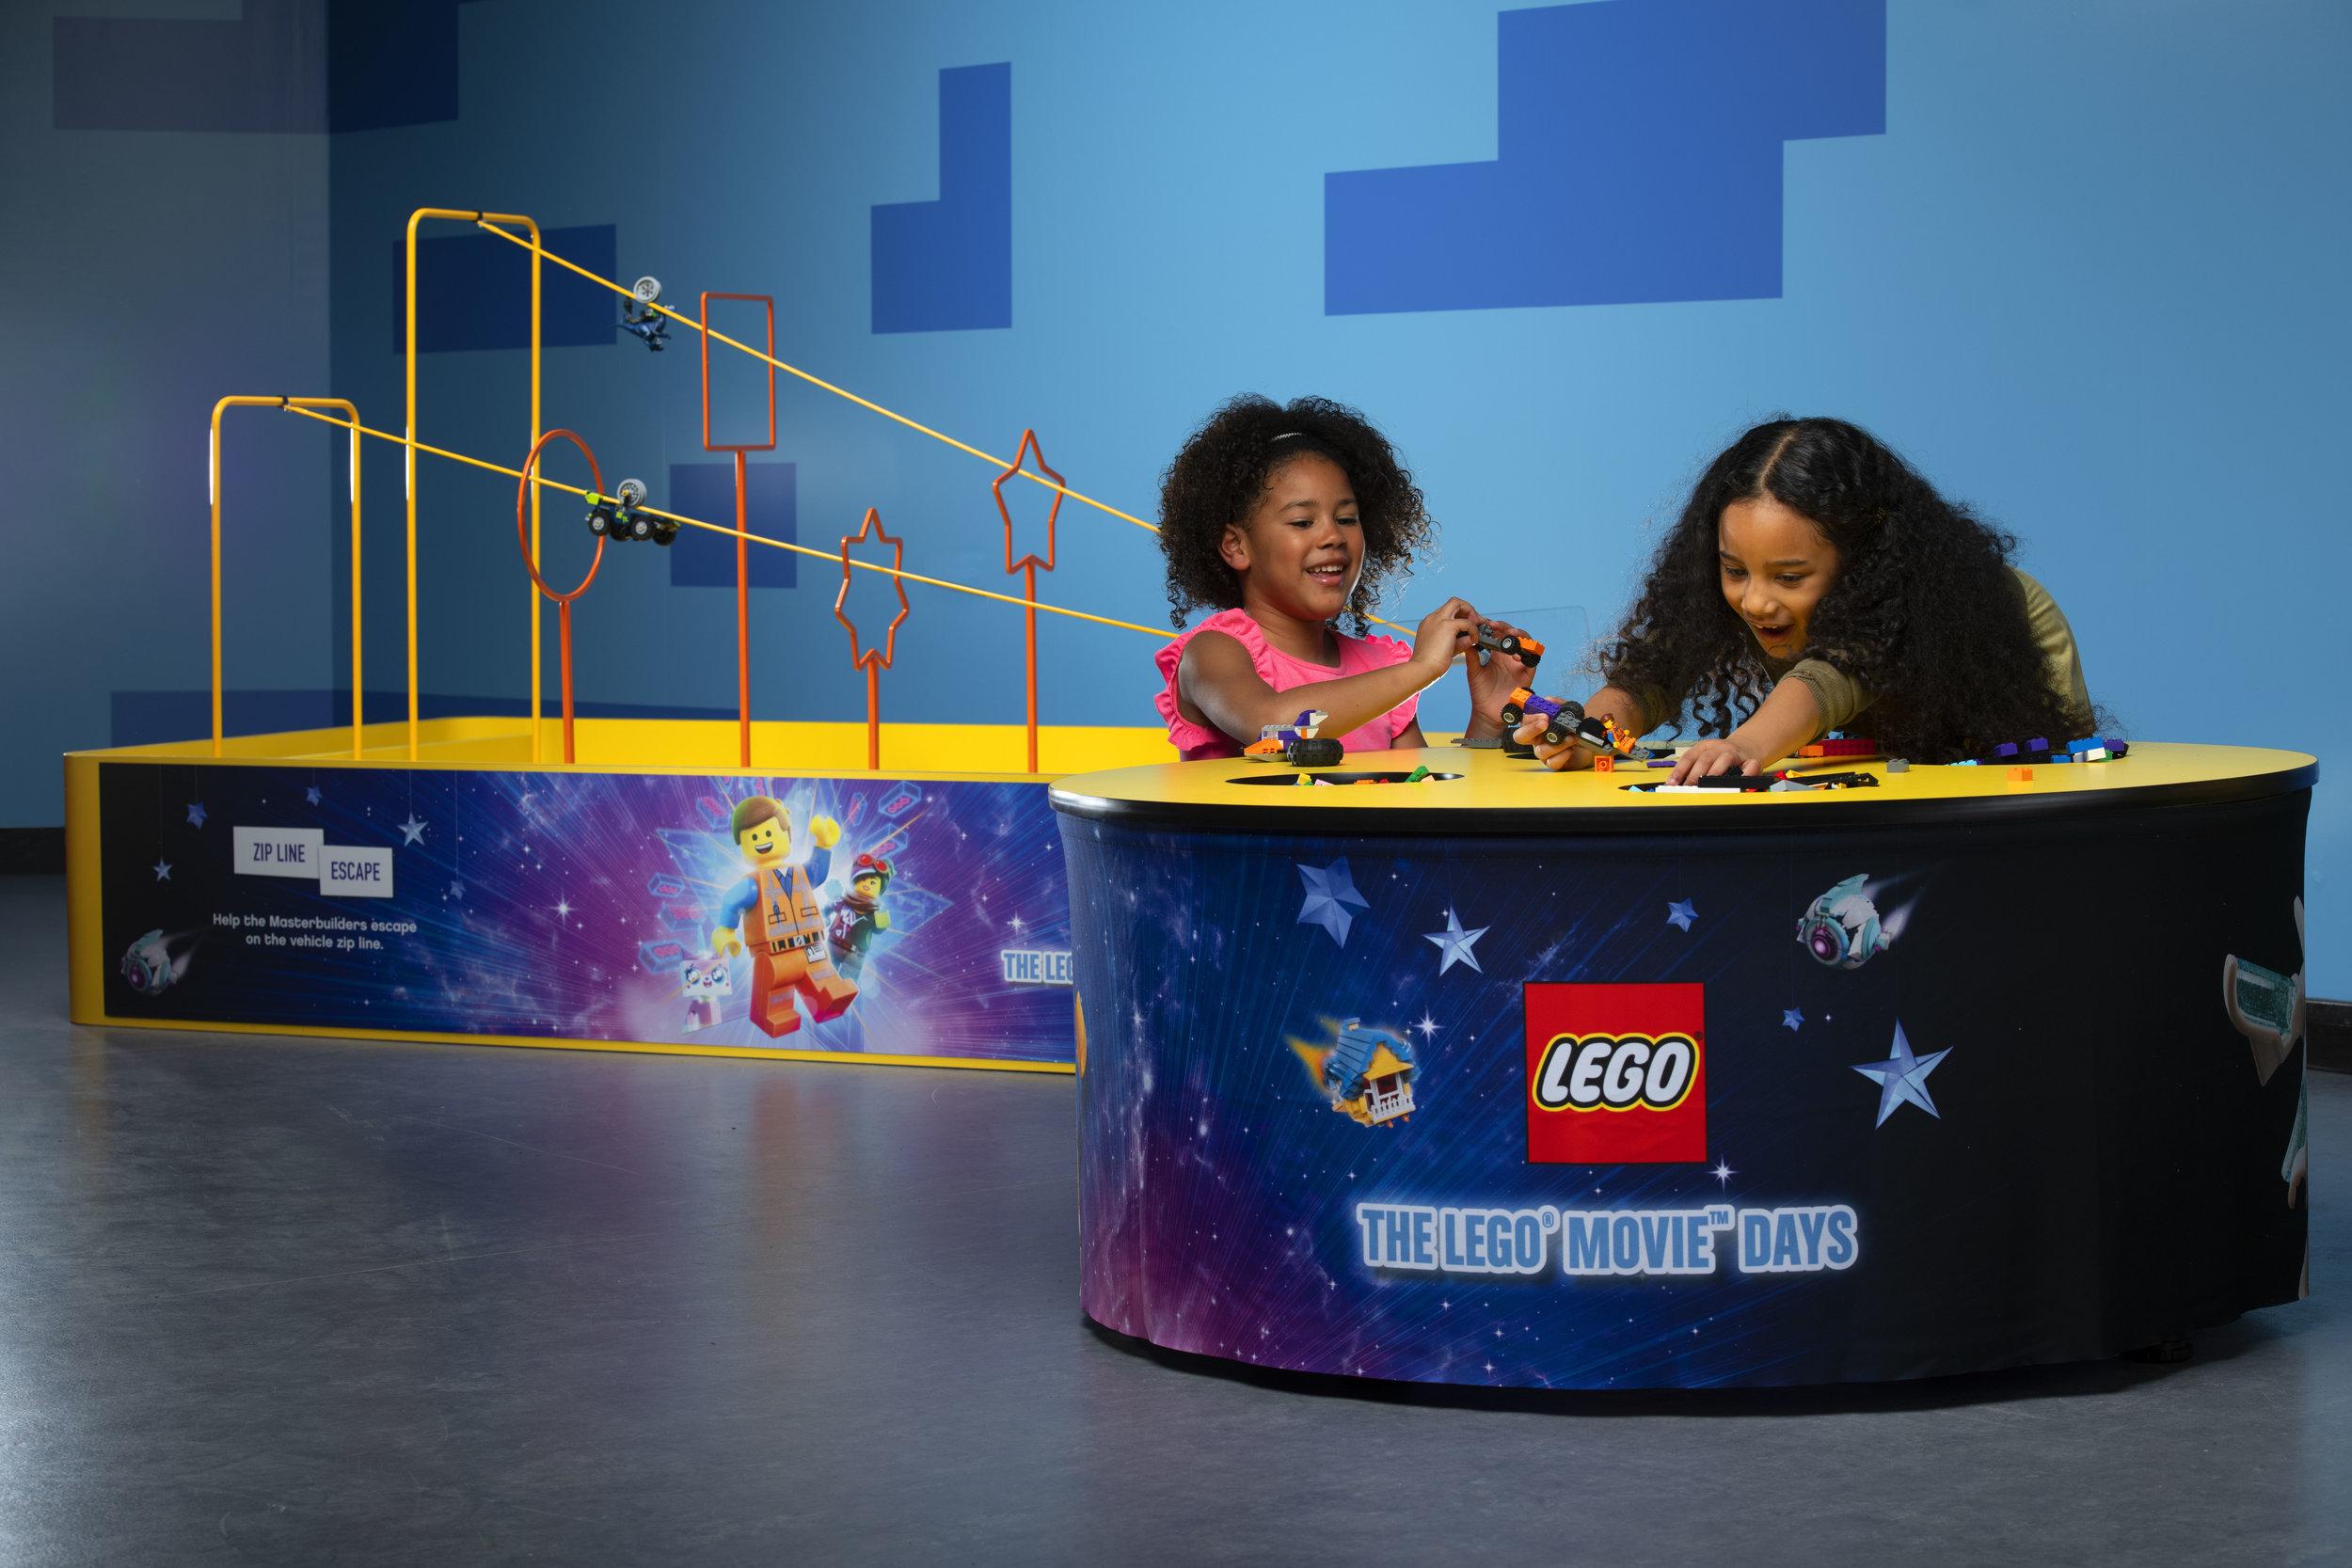 Lego-22-01-191478_LM2-Build-Table.jpg